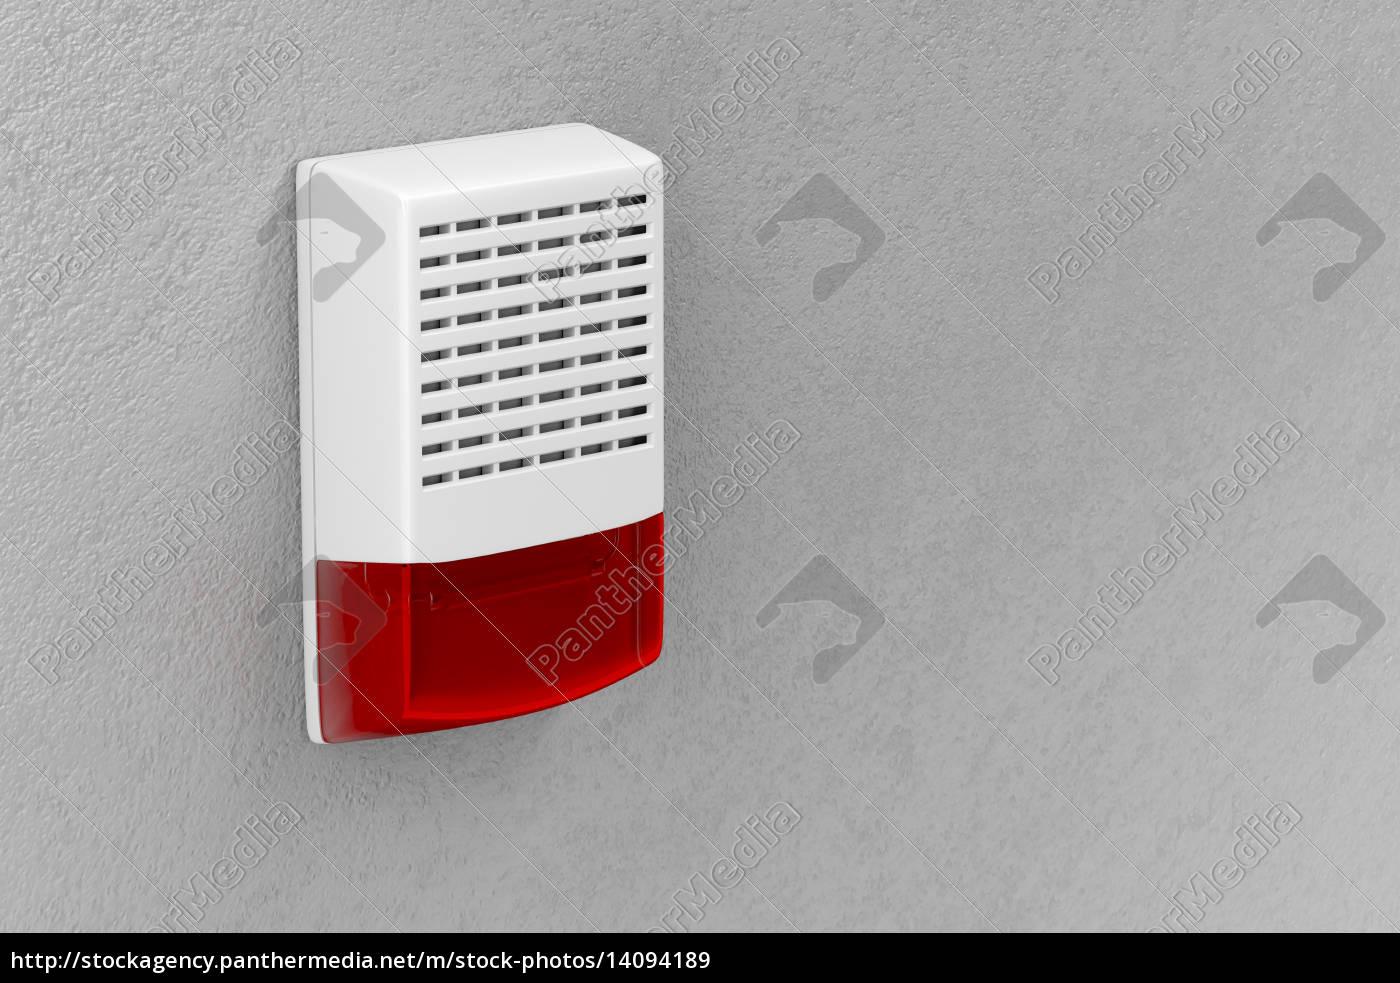 alarm, siren - 14094189